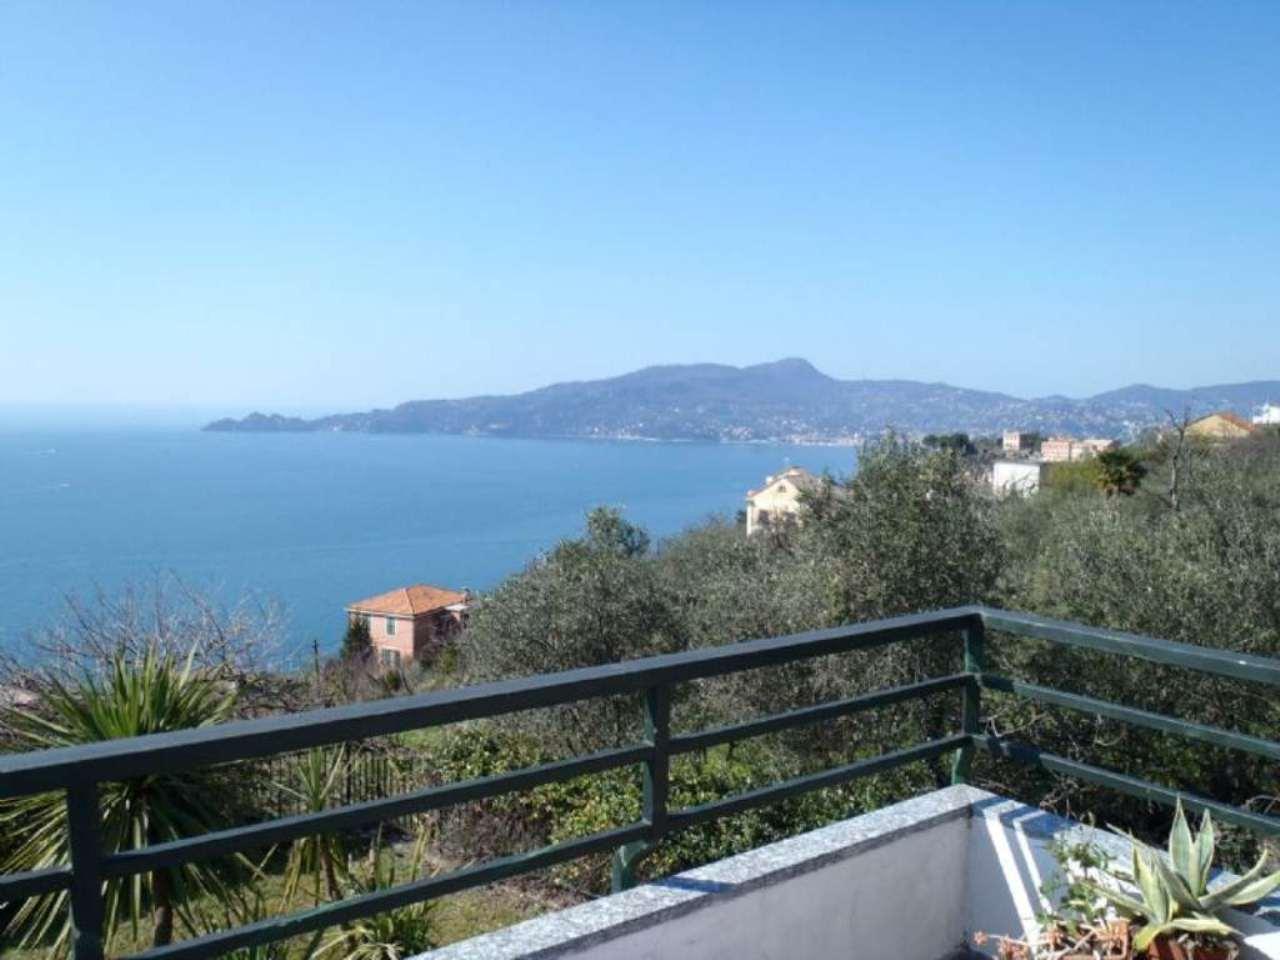 Villa Bifamiliare in vendita a Chiavari, 9999 locali, prezzo € 1.470.000 | Cambio Casa.it